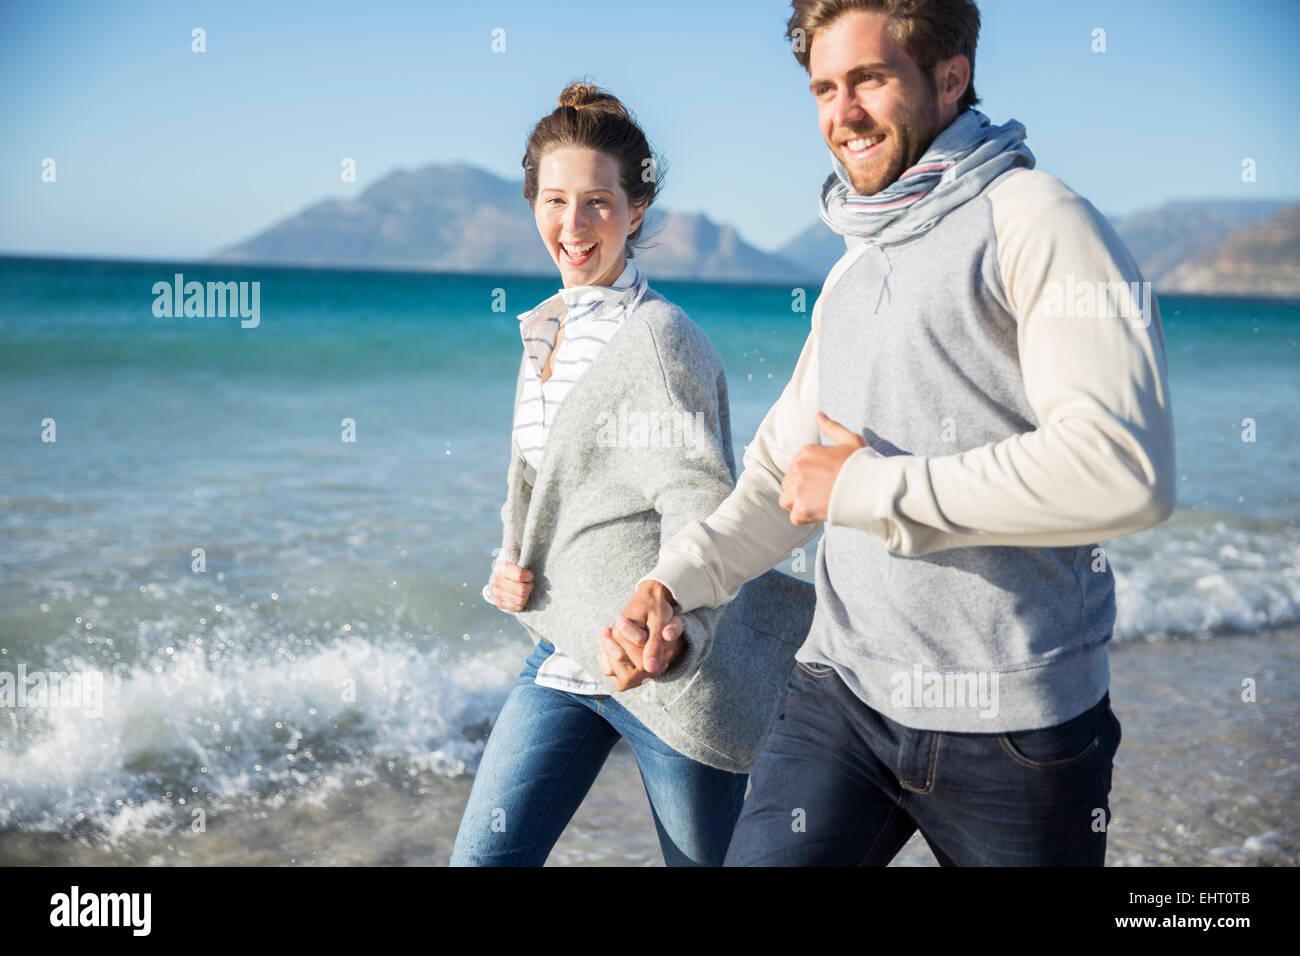 Pareja joven tomados de la mano y caminar en la playa Foto de stock